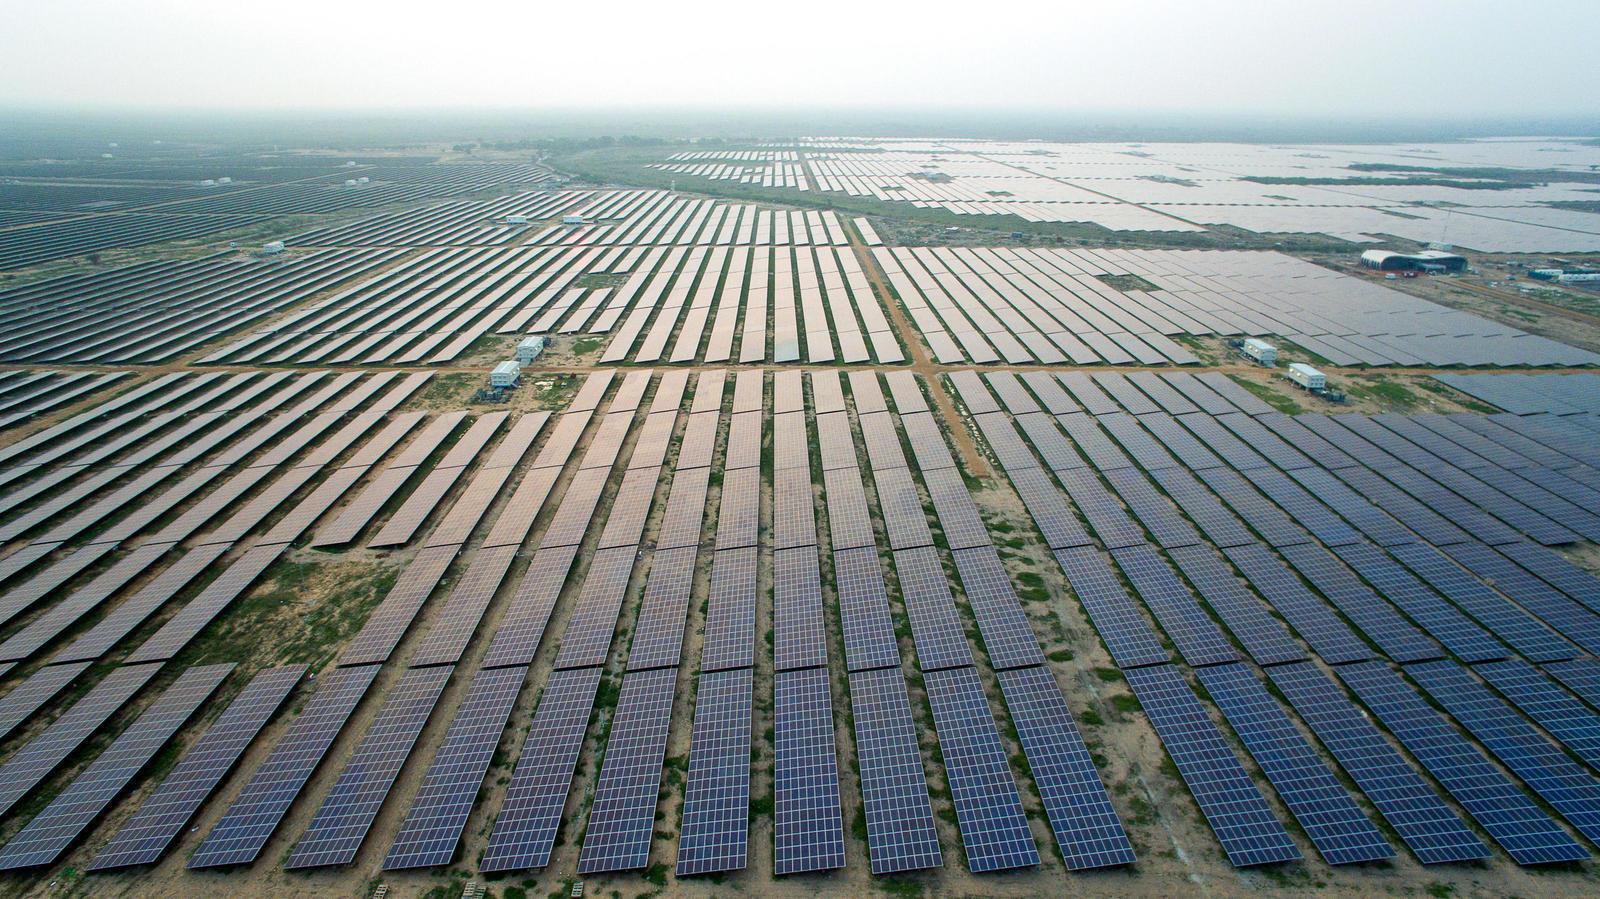 Monde : Energie renouvelables, 2,5 milliards USD dépensés par Total pour l'acquisition d'actifs solaires 1